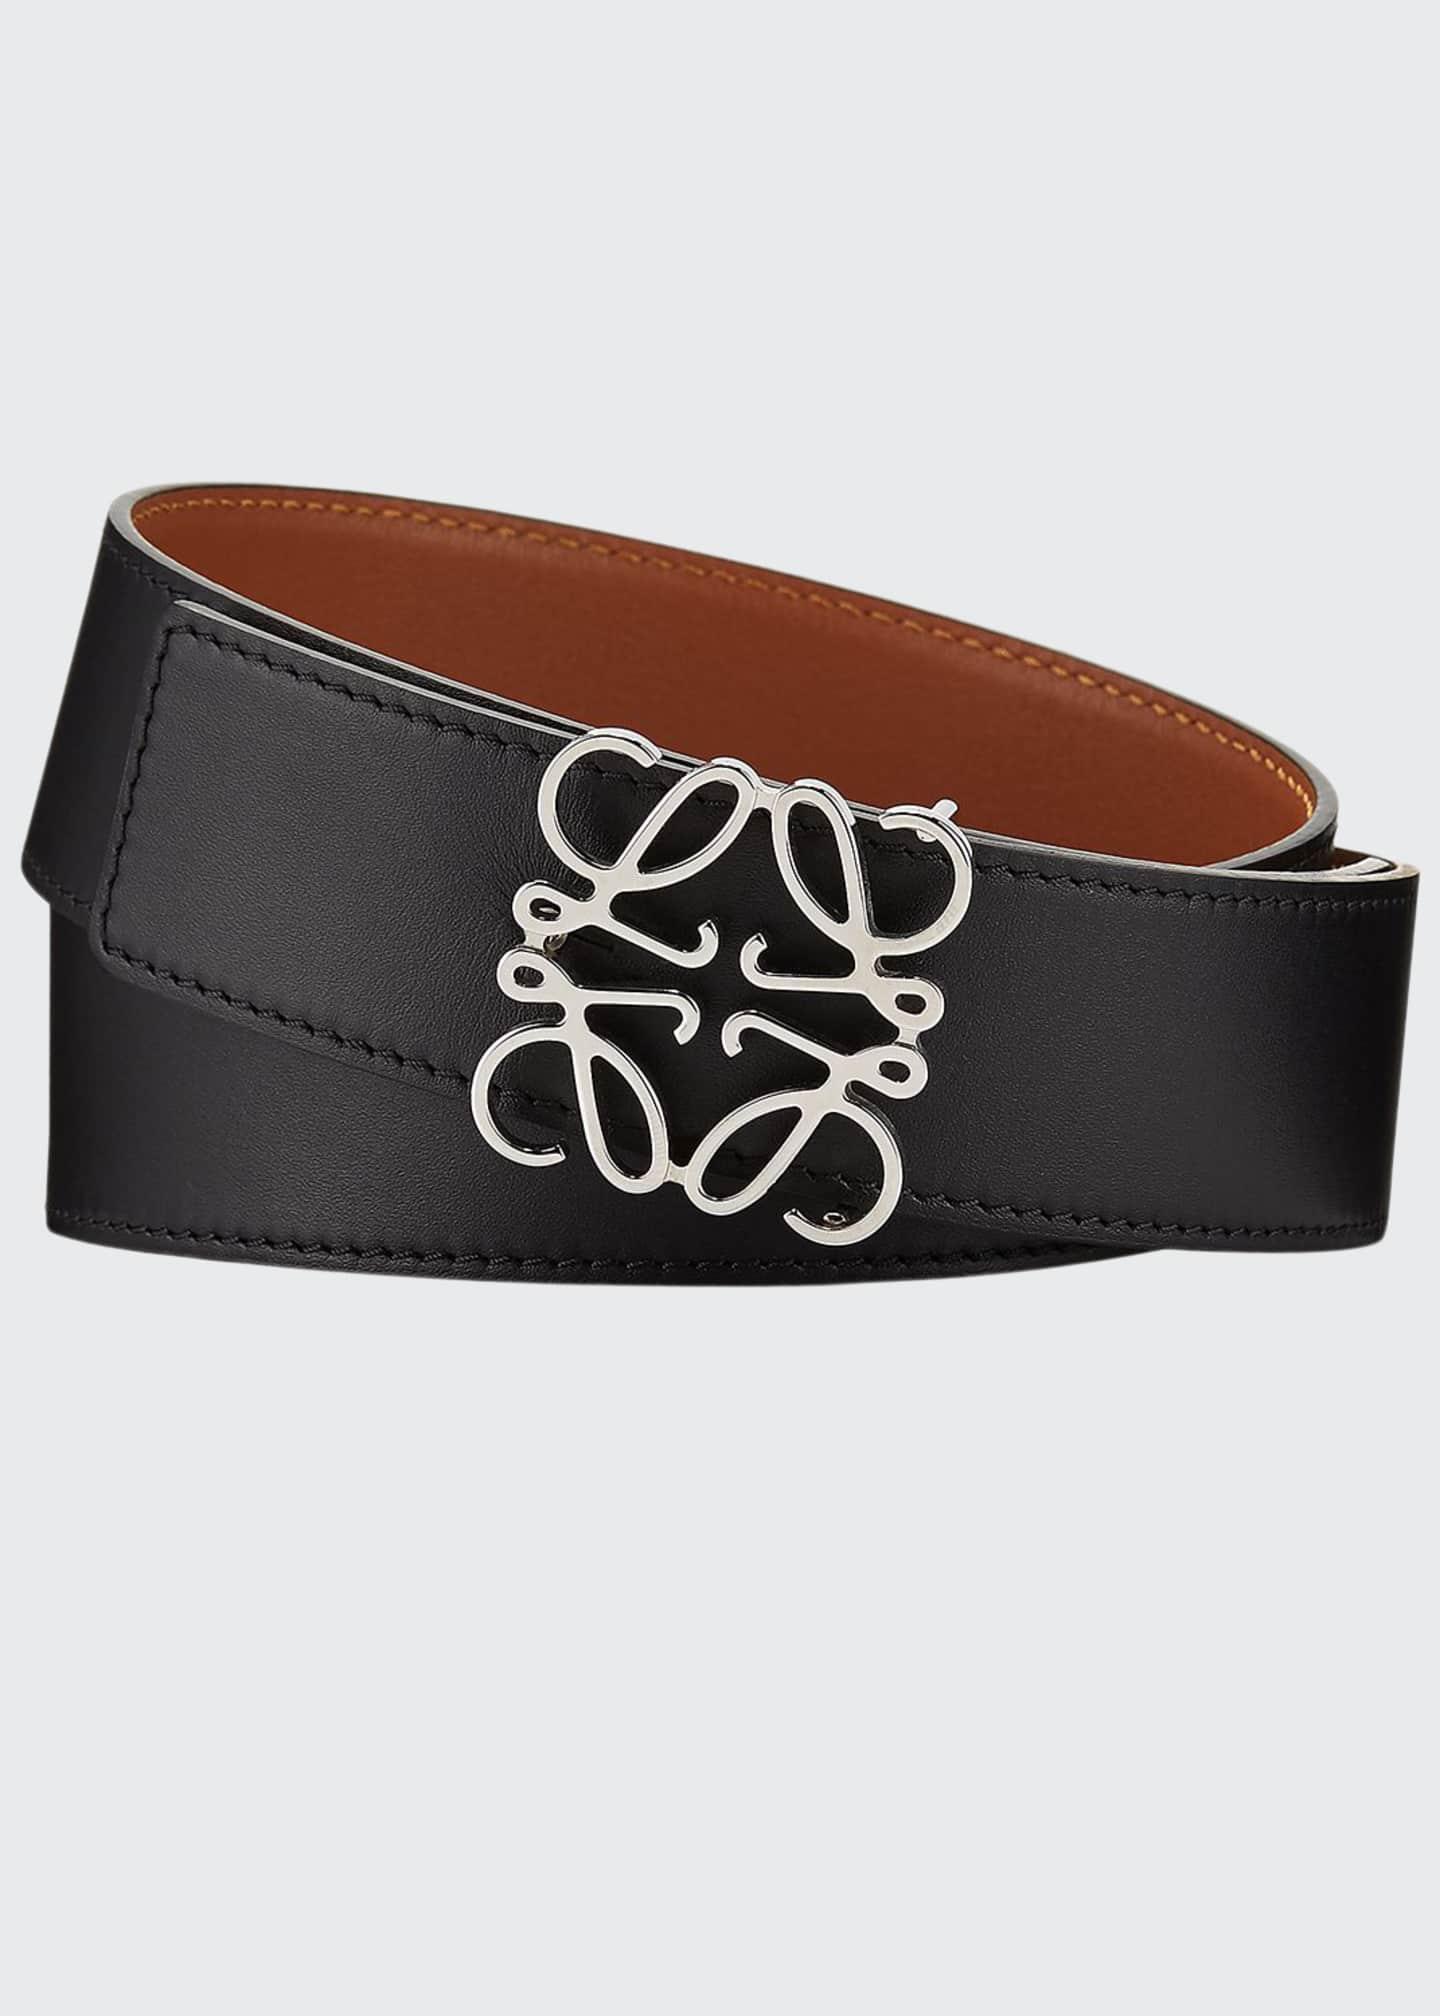 Loewe Reversible Silver Anagram-Buckle Belt, Black/Tan